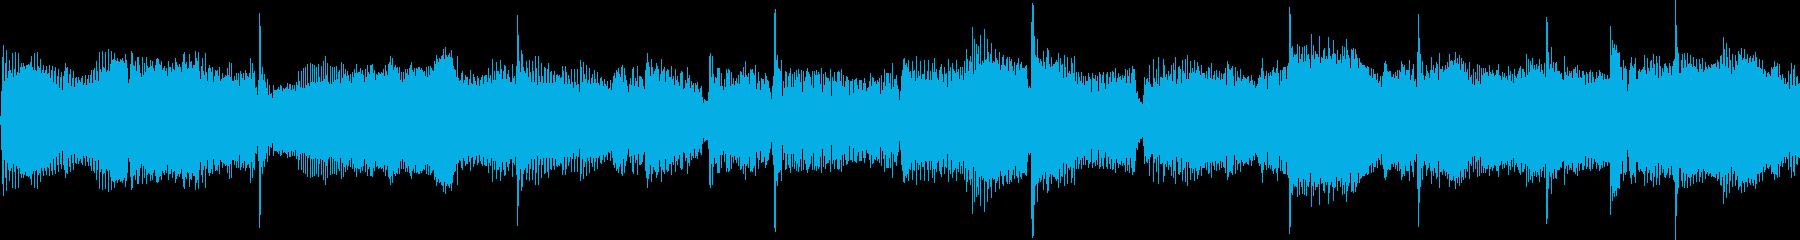 爽やかで新鮮な雰囲気のジングル_ループの再生済みの波形